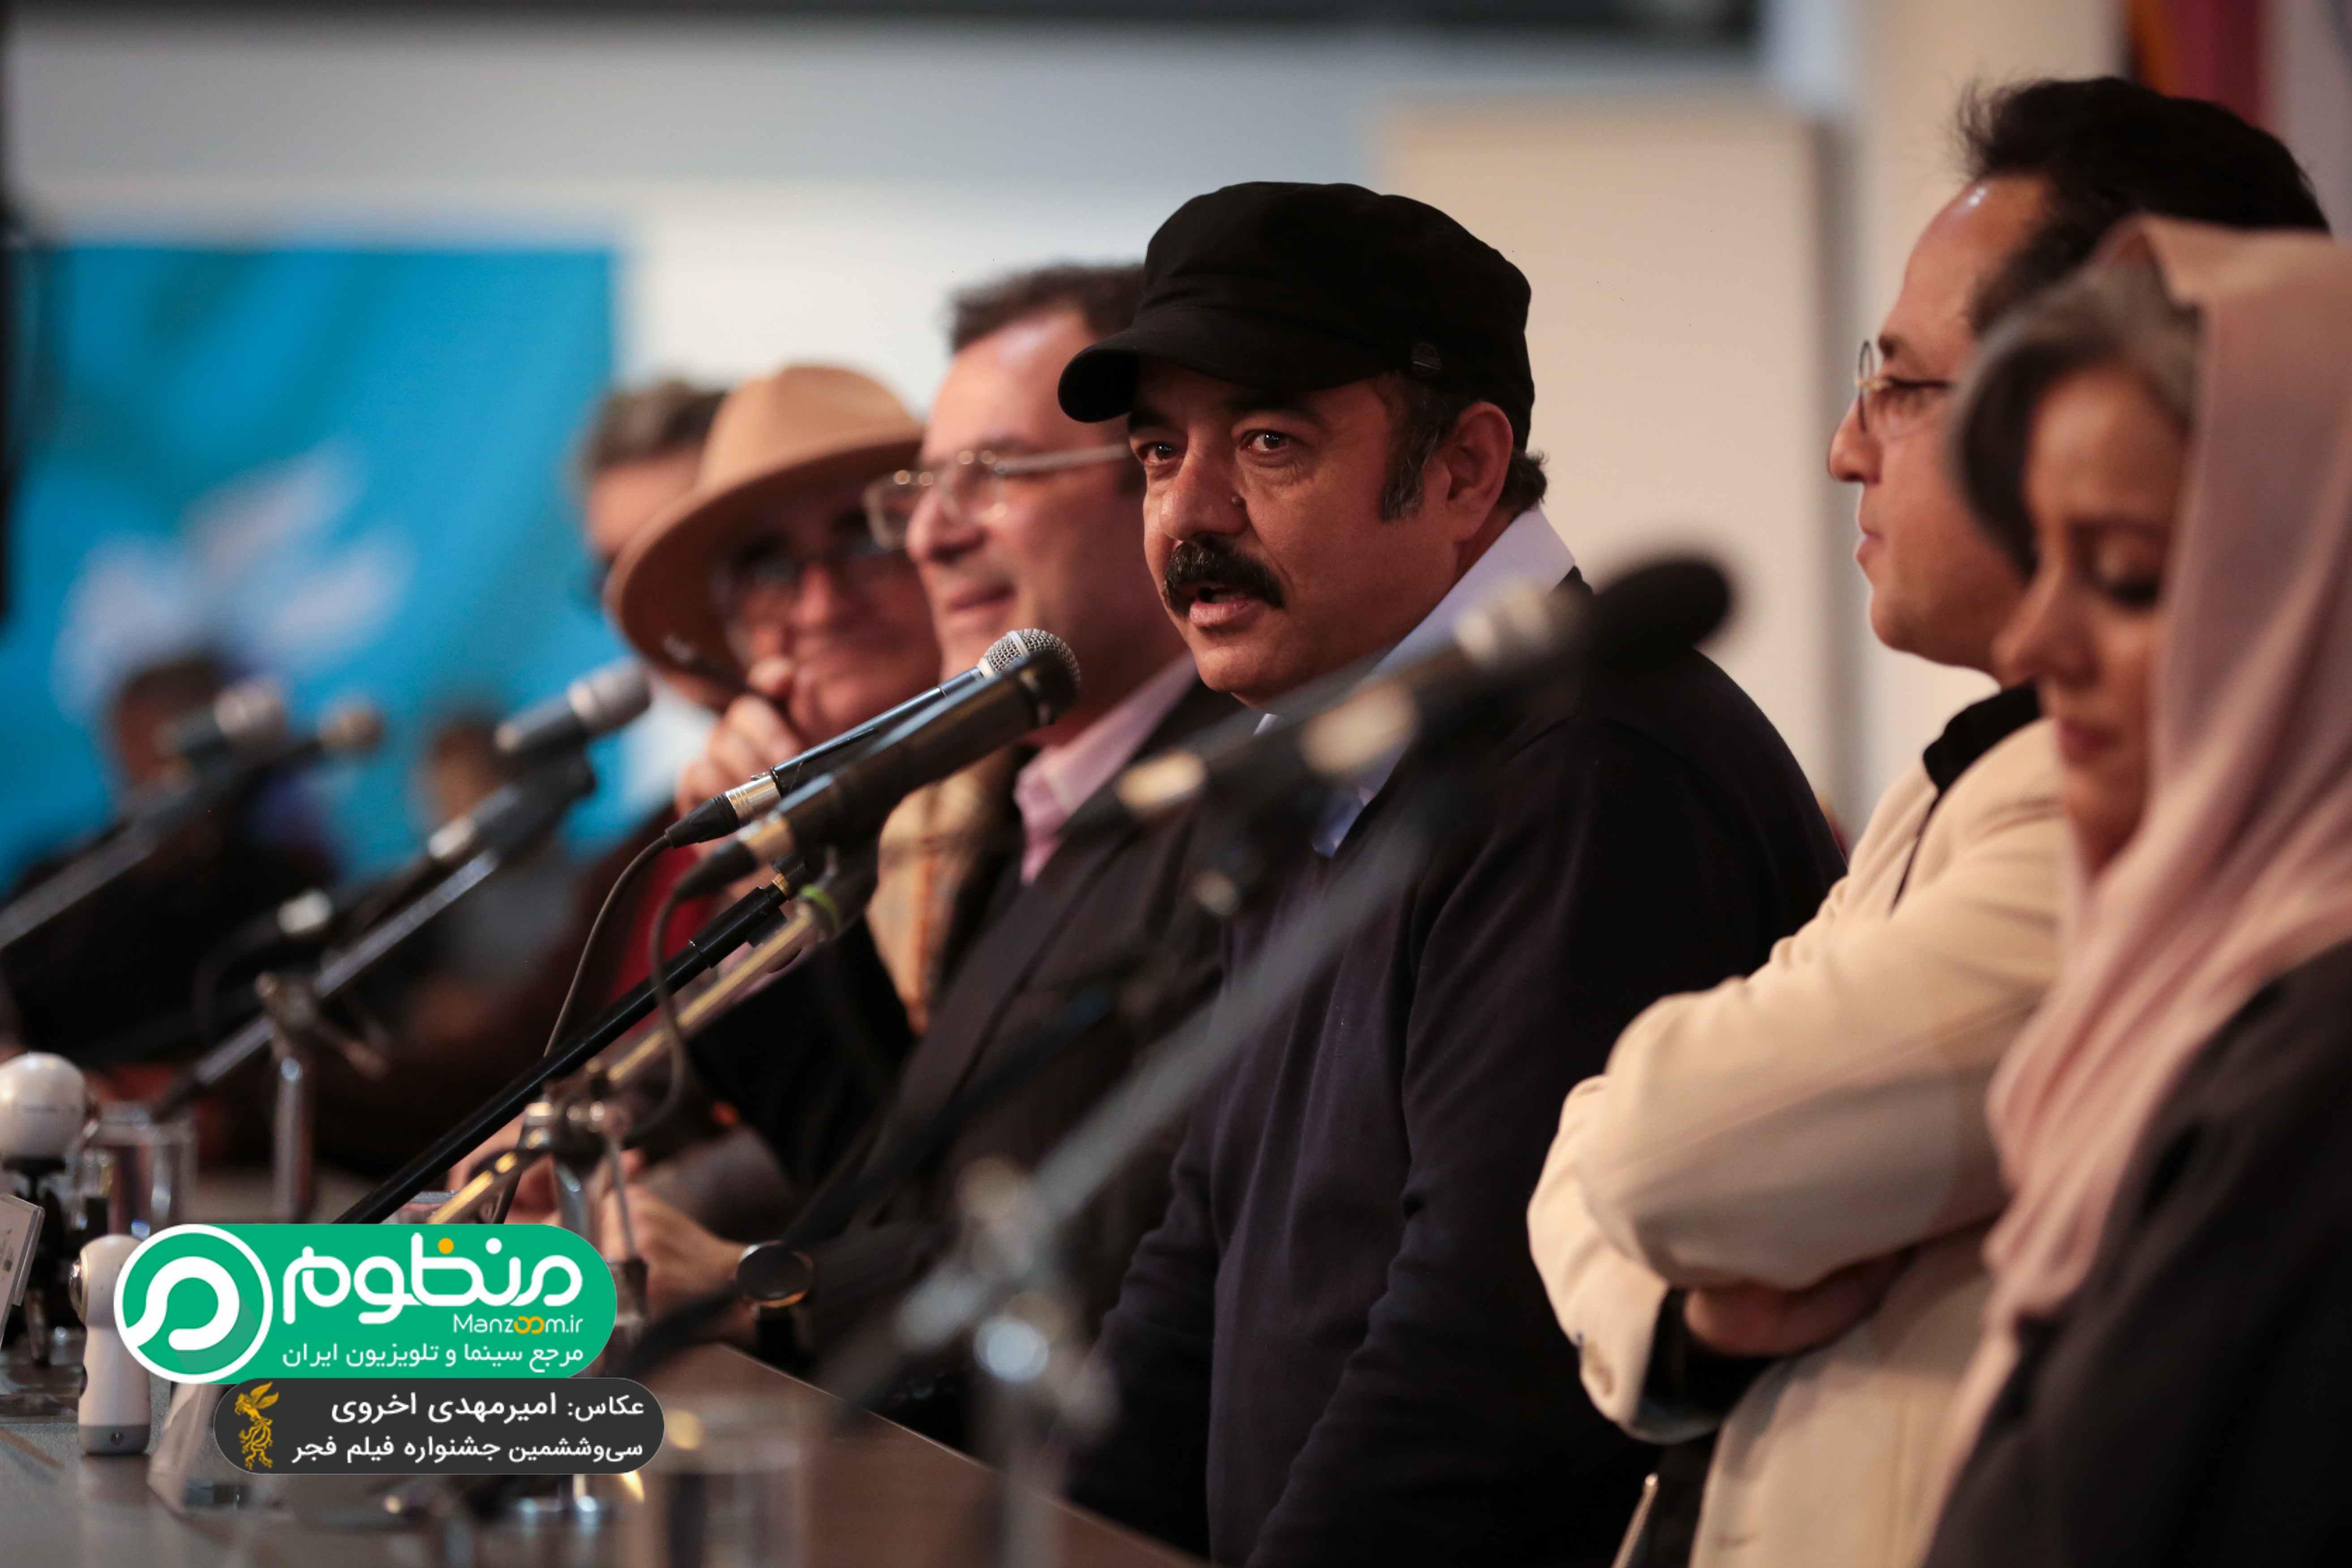 نشست خبری فیلم سینمایی کامیون با حضور سعید آقاخانی